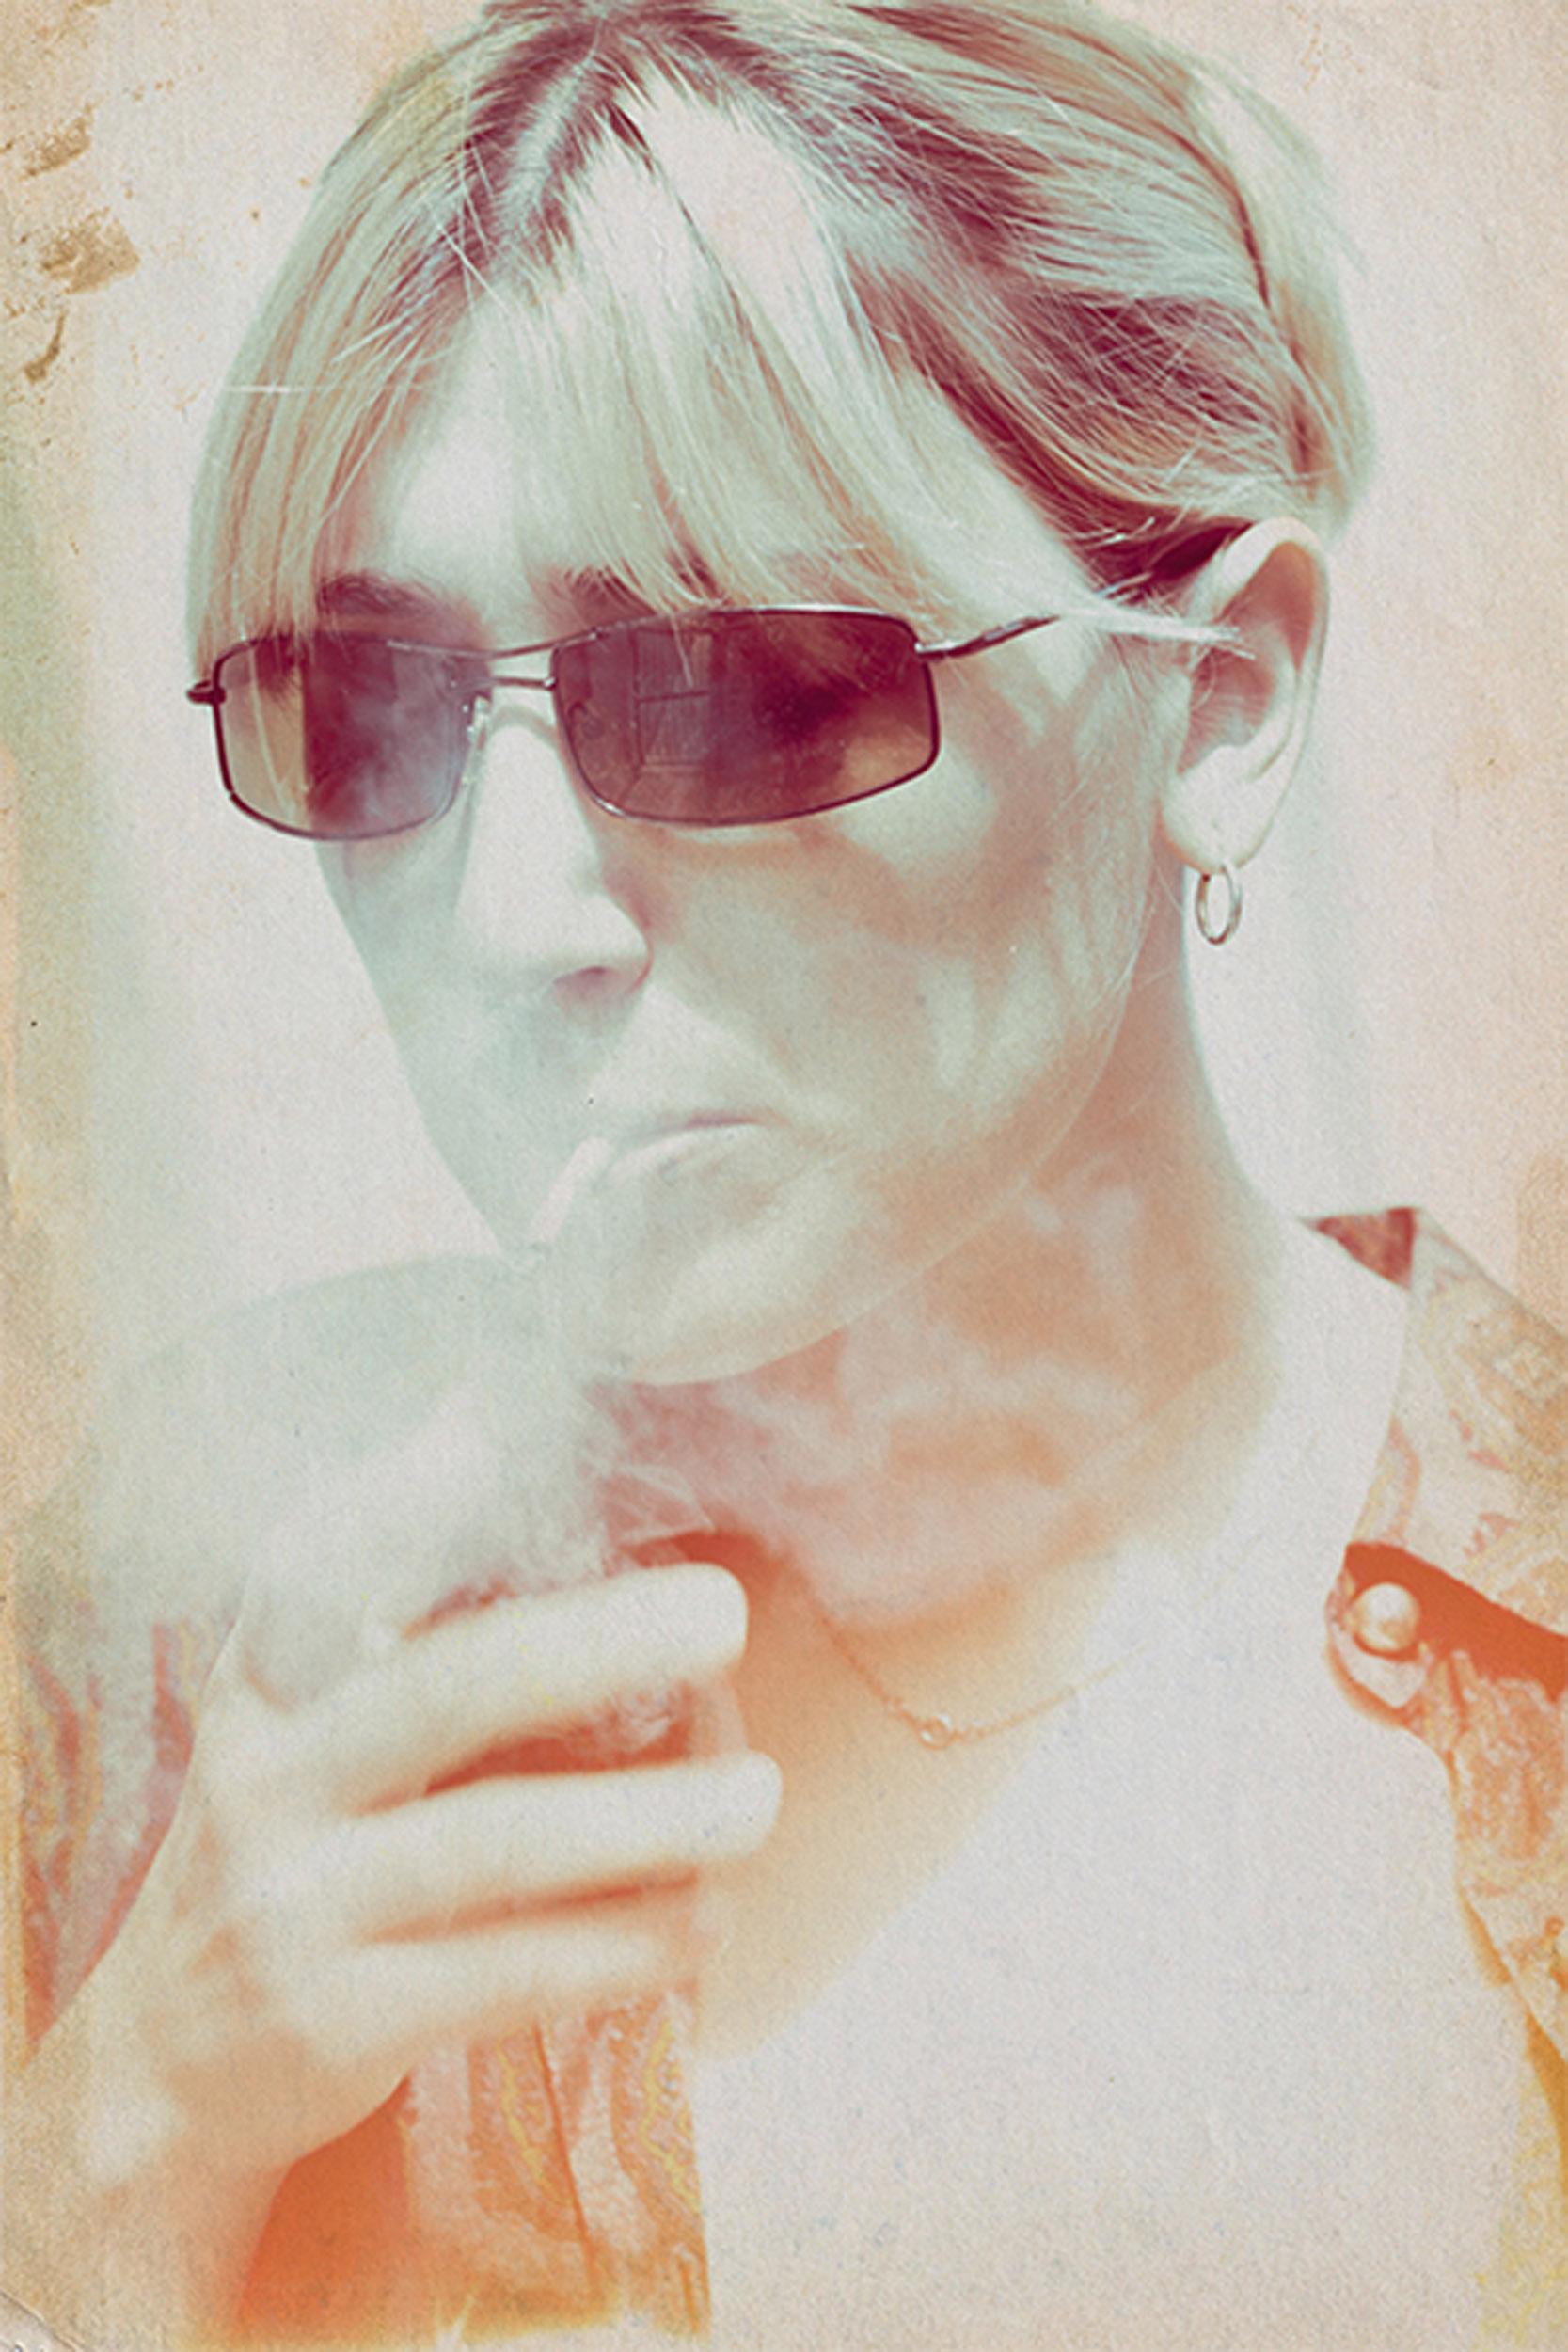 Categorie: Portrait, Glamour, Fine Art- Ph. ANTEA FERRARI, Model: ELISA LA MEDICA - Location: Lecco , Lc, Italia